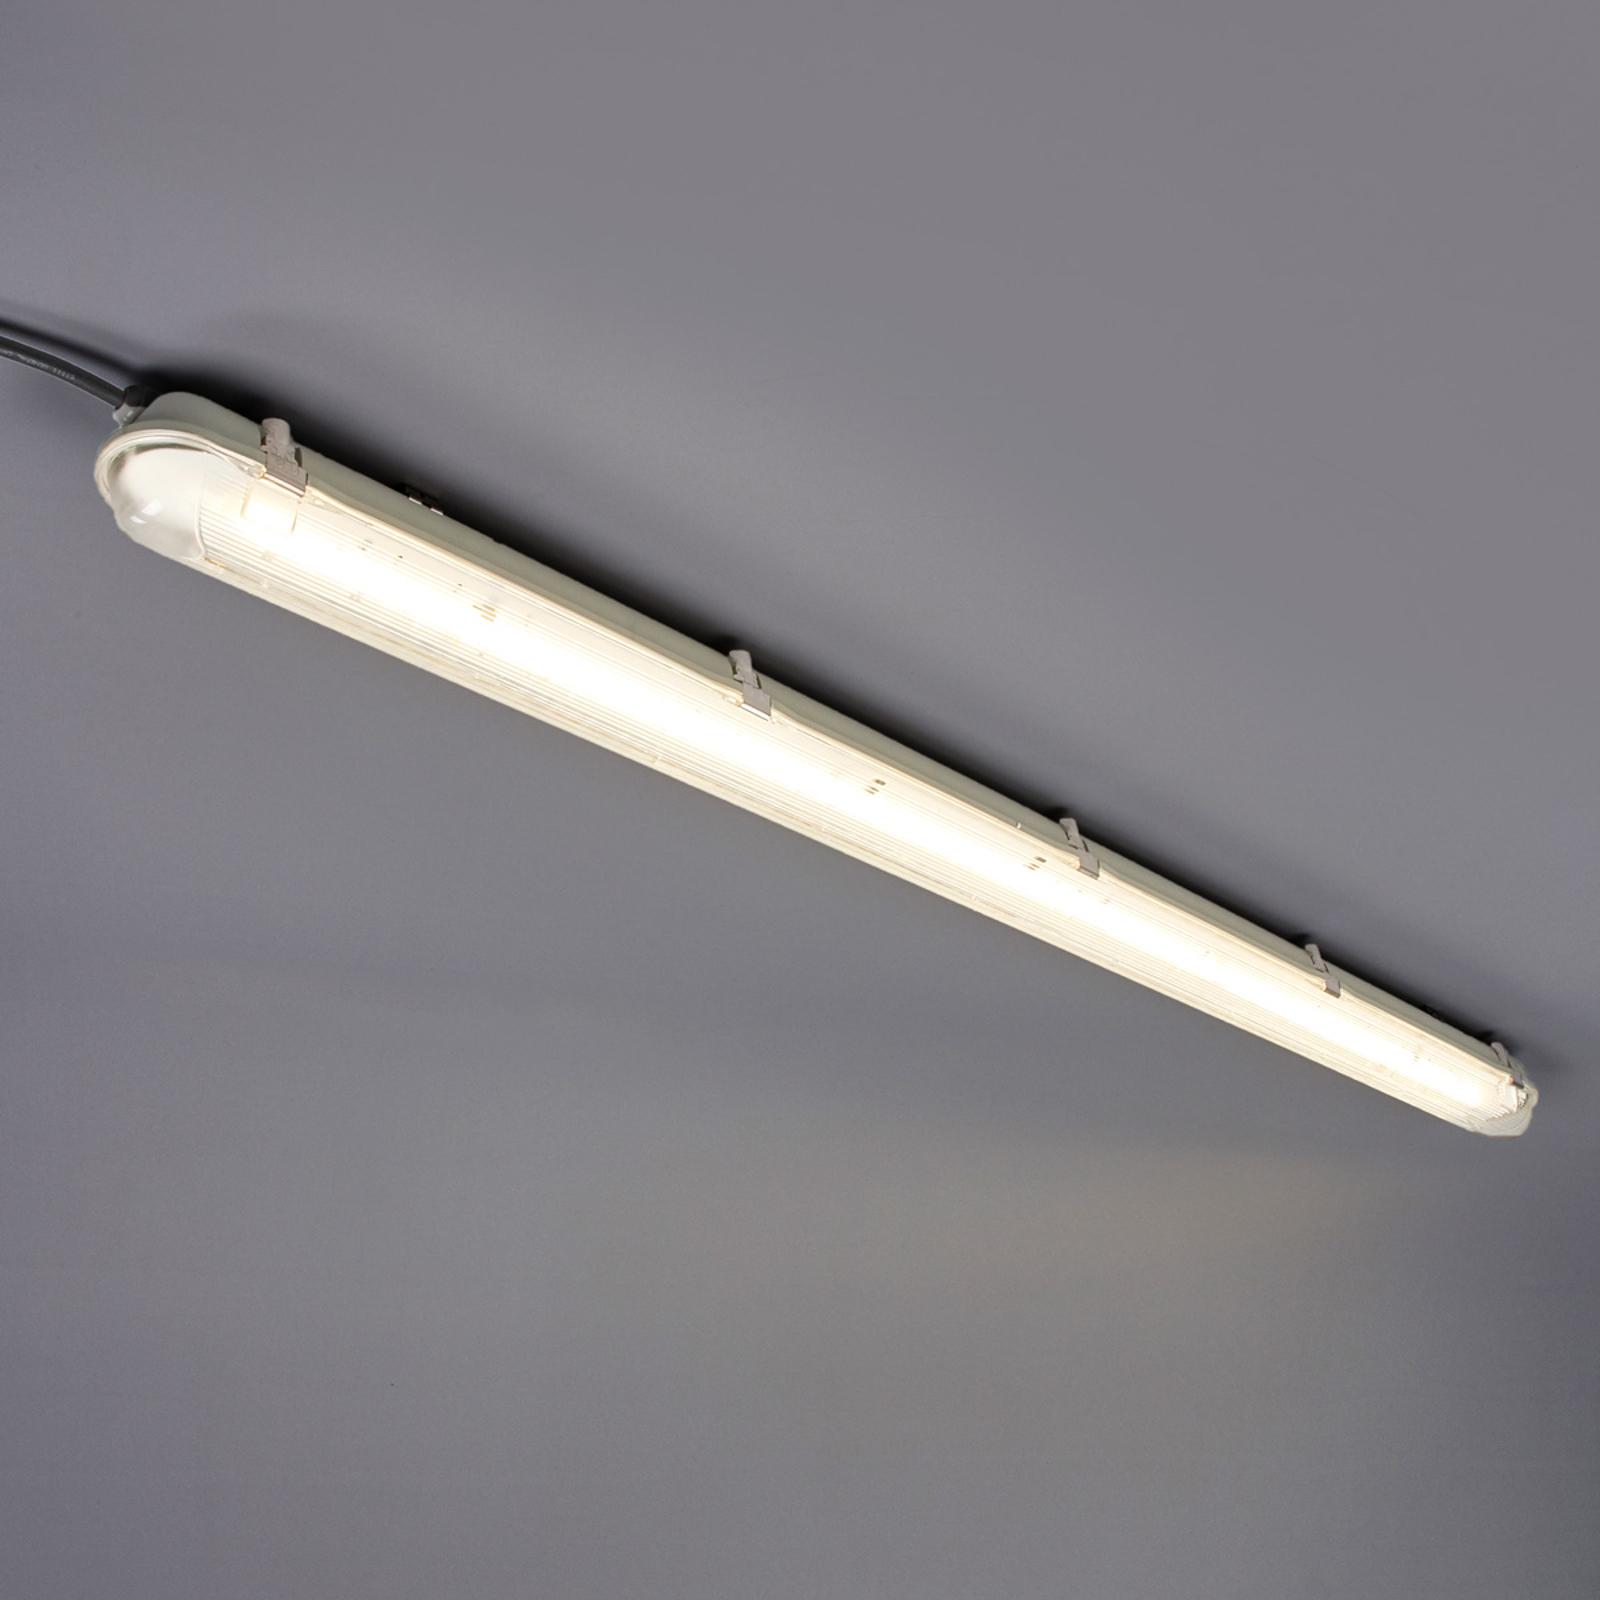 Luminaire étanche LED pour locaux humides, 34 W